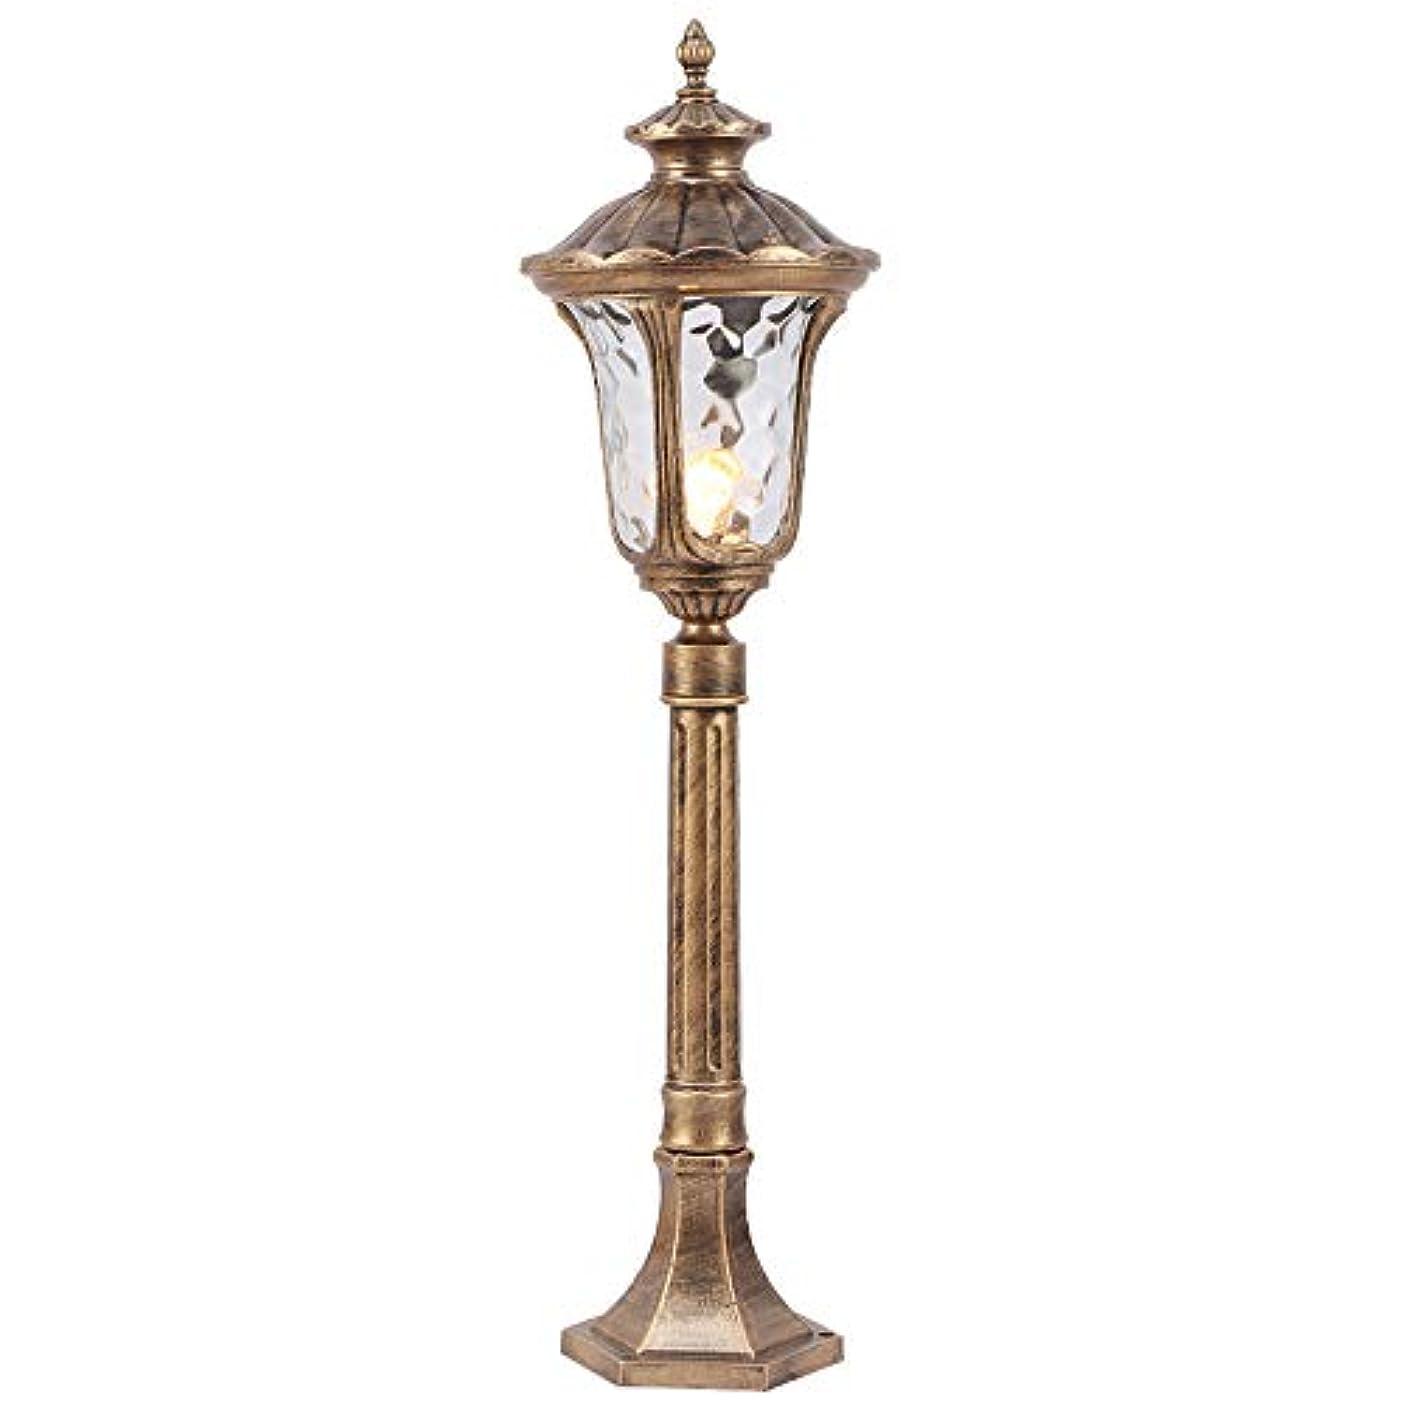 プログラムいたずらな抑圧Pinjeer E27ヨーロッパヴィンテージ防水屋外ガラスコラムライトレトロ工業用アルミニウムポストライト芝生風景ガーデンストリートパーク照明柱ランプ (Color : Brass, サイズ : Height 80cm)